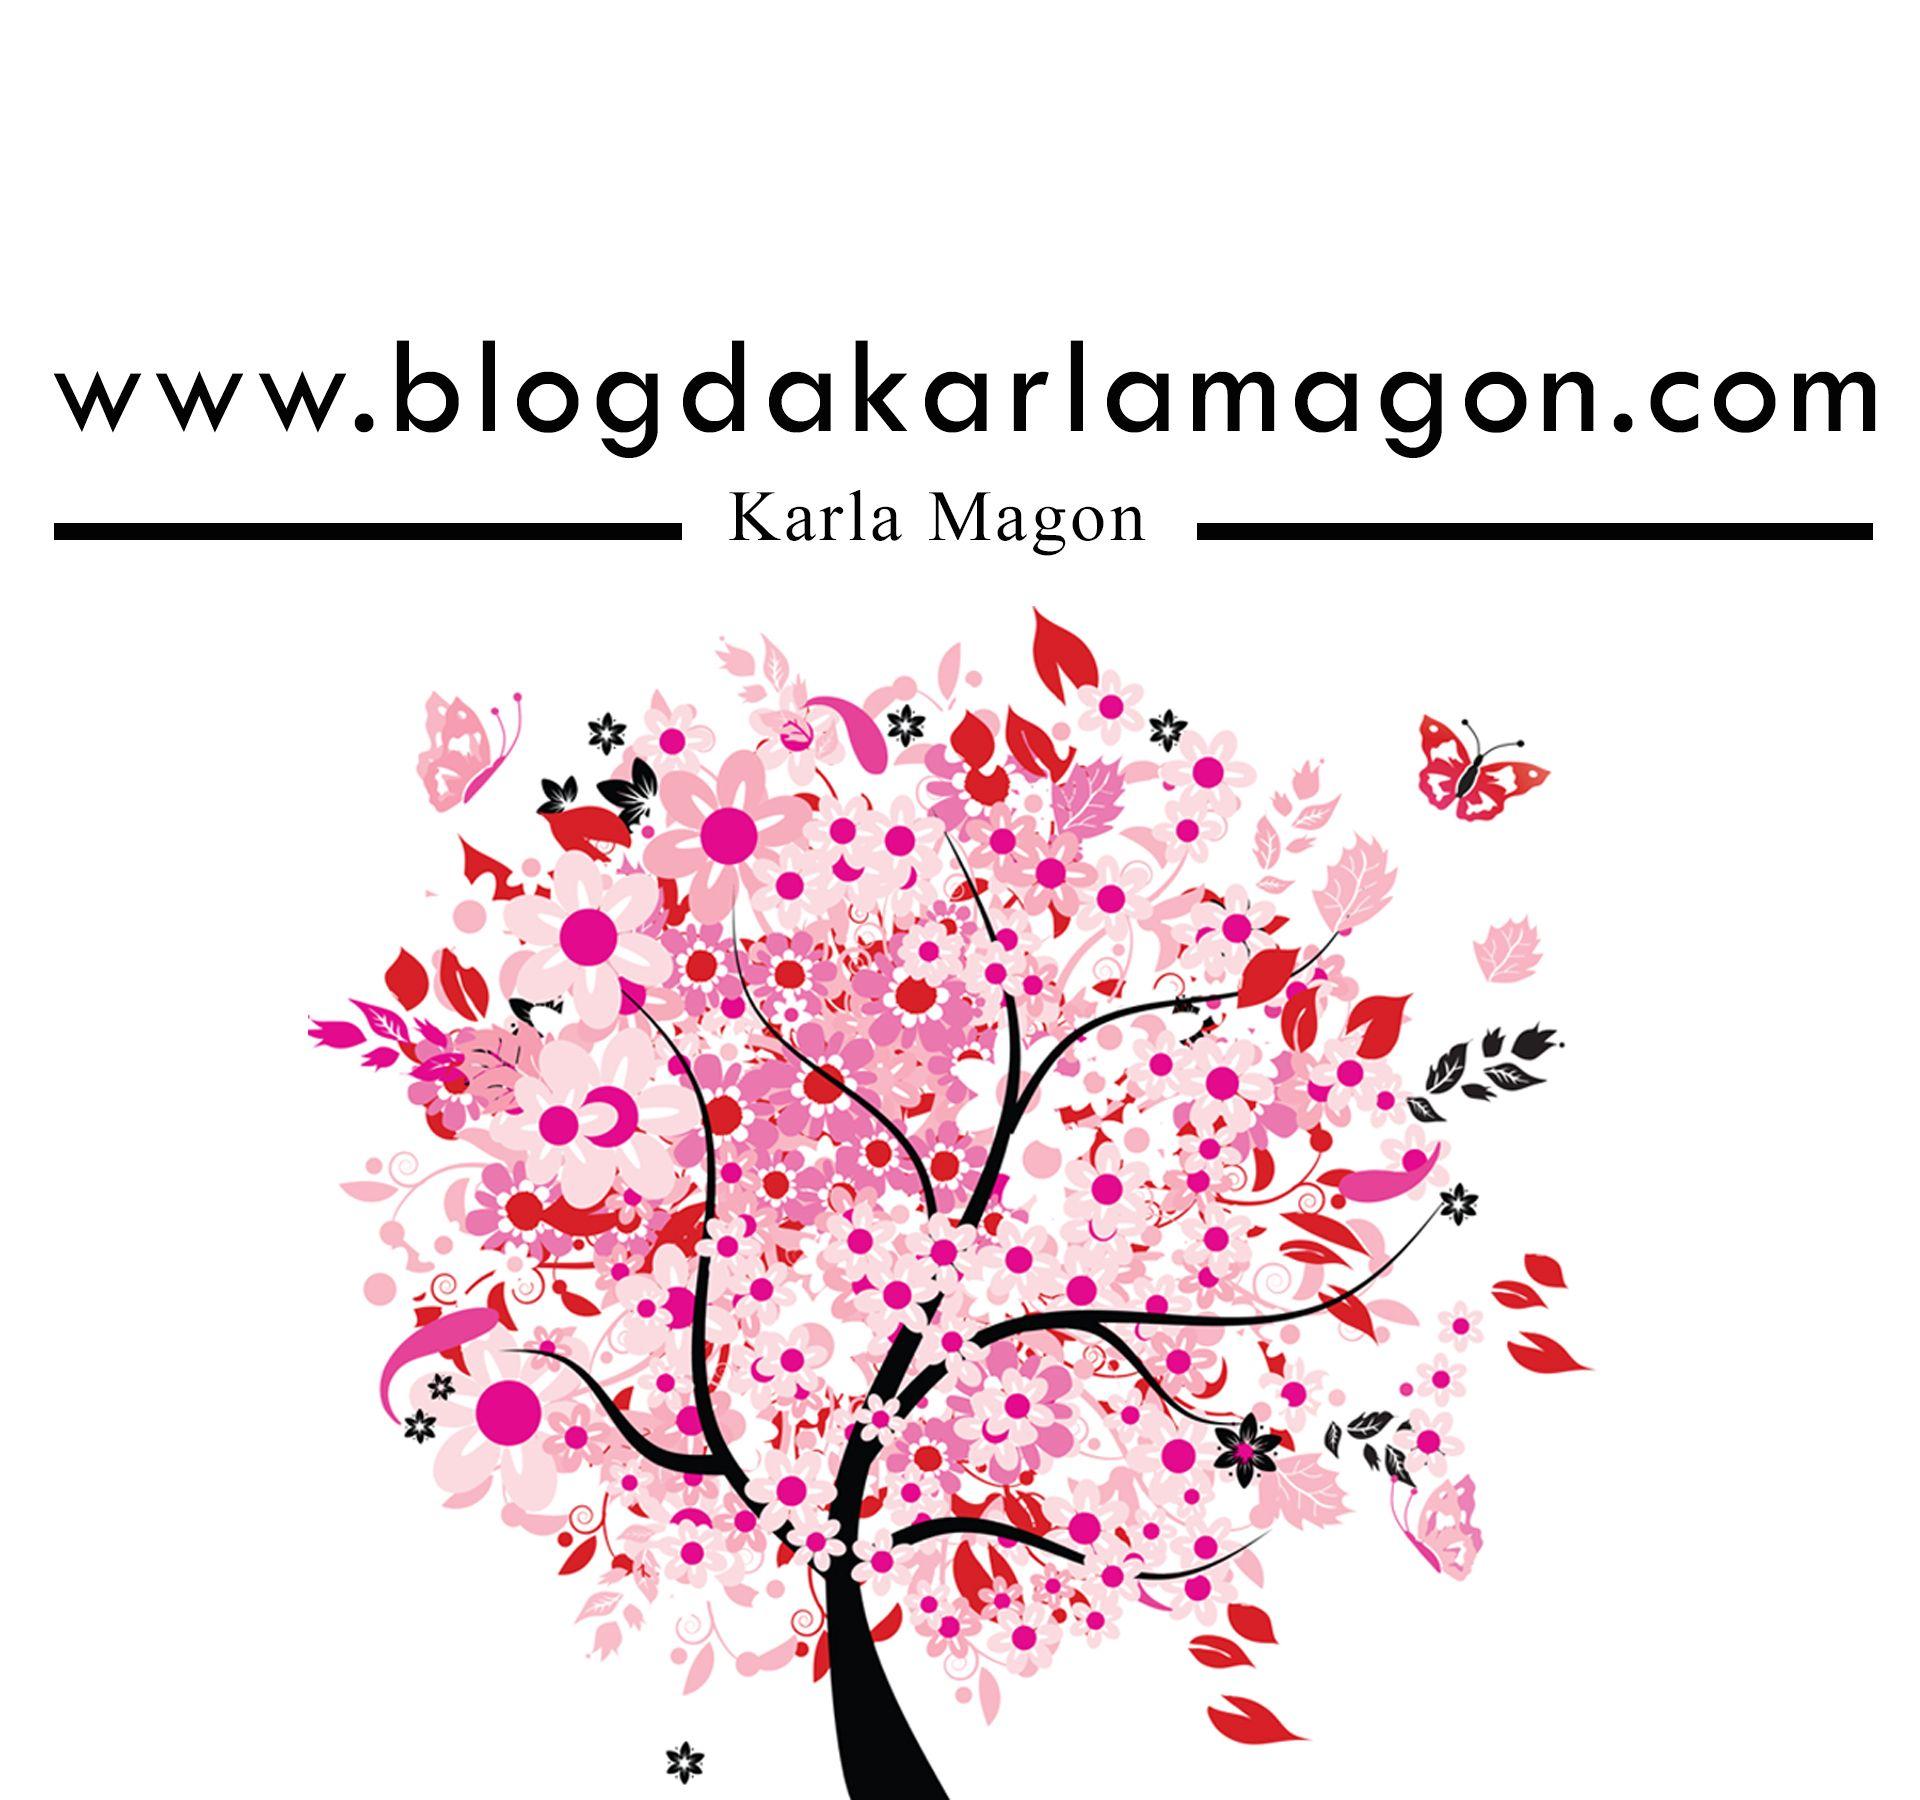 Olá meninas, dê uma olhada em meu blog tenho certeza de que vocês vão amar! Beijinhos